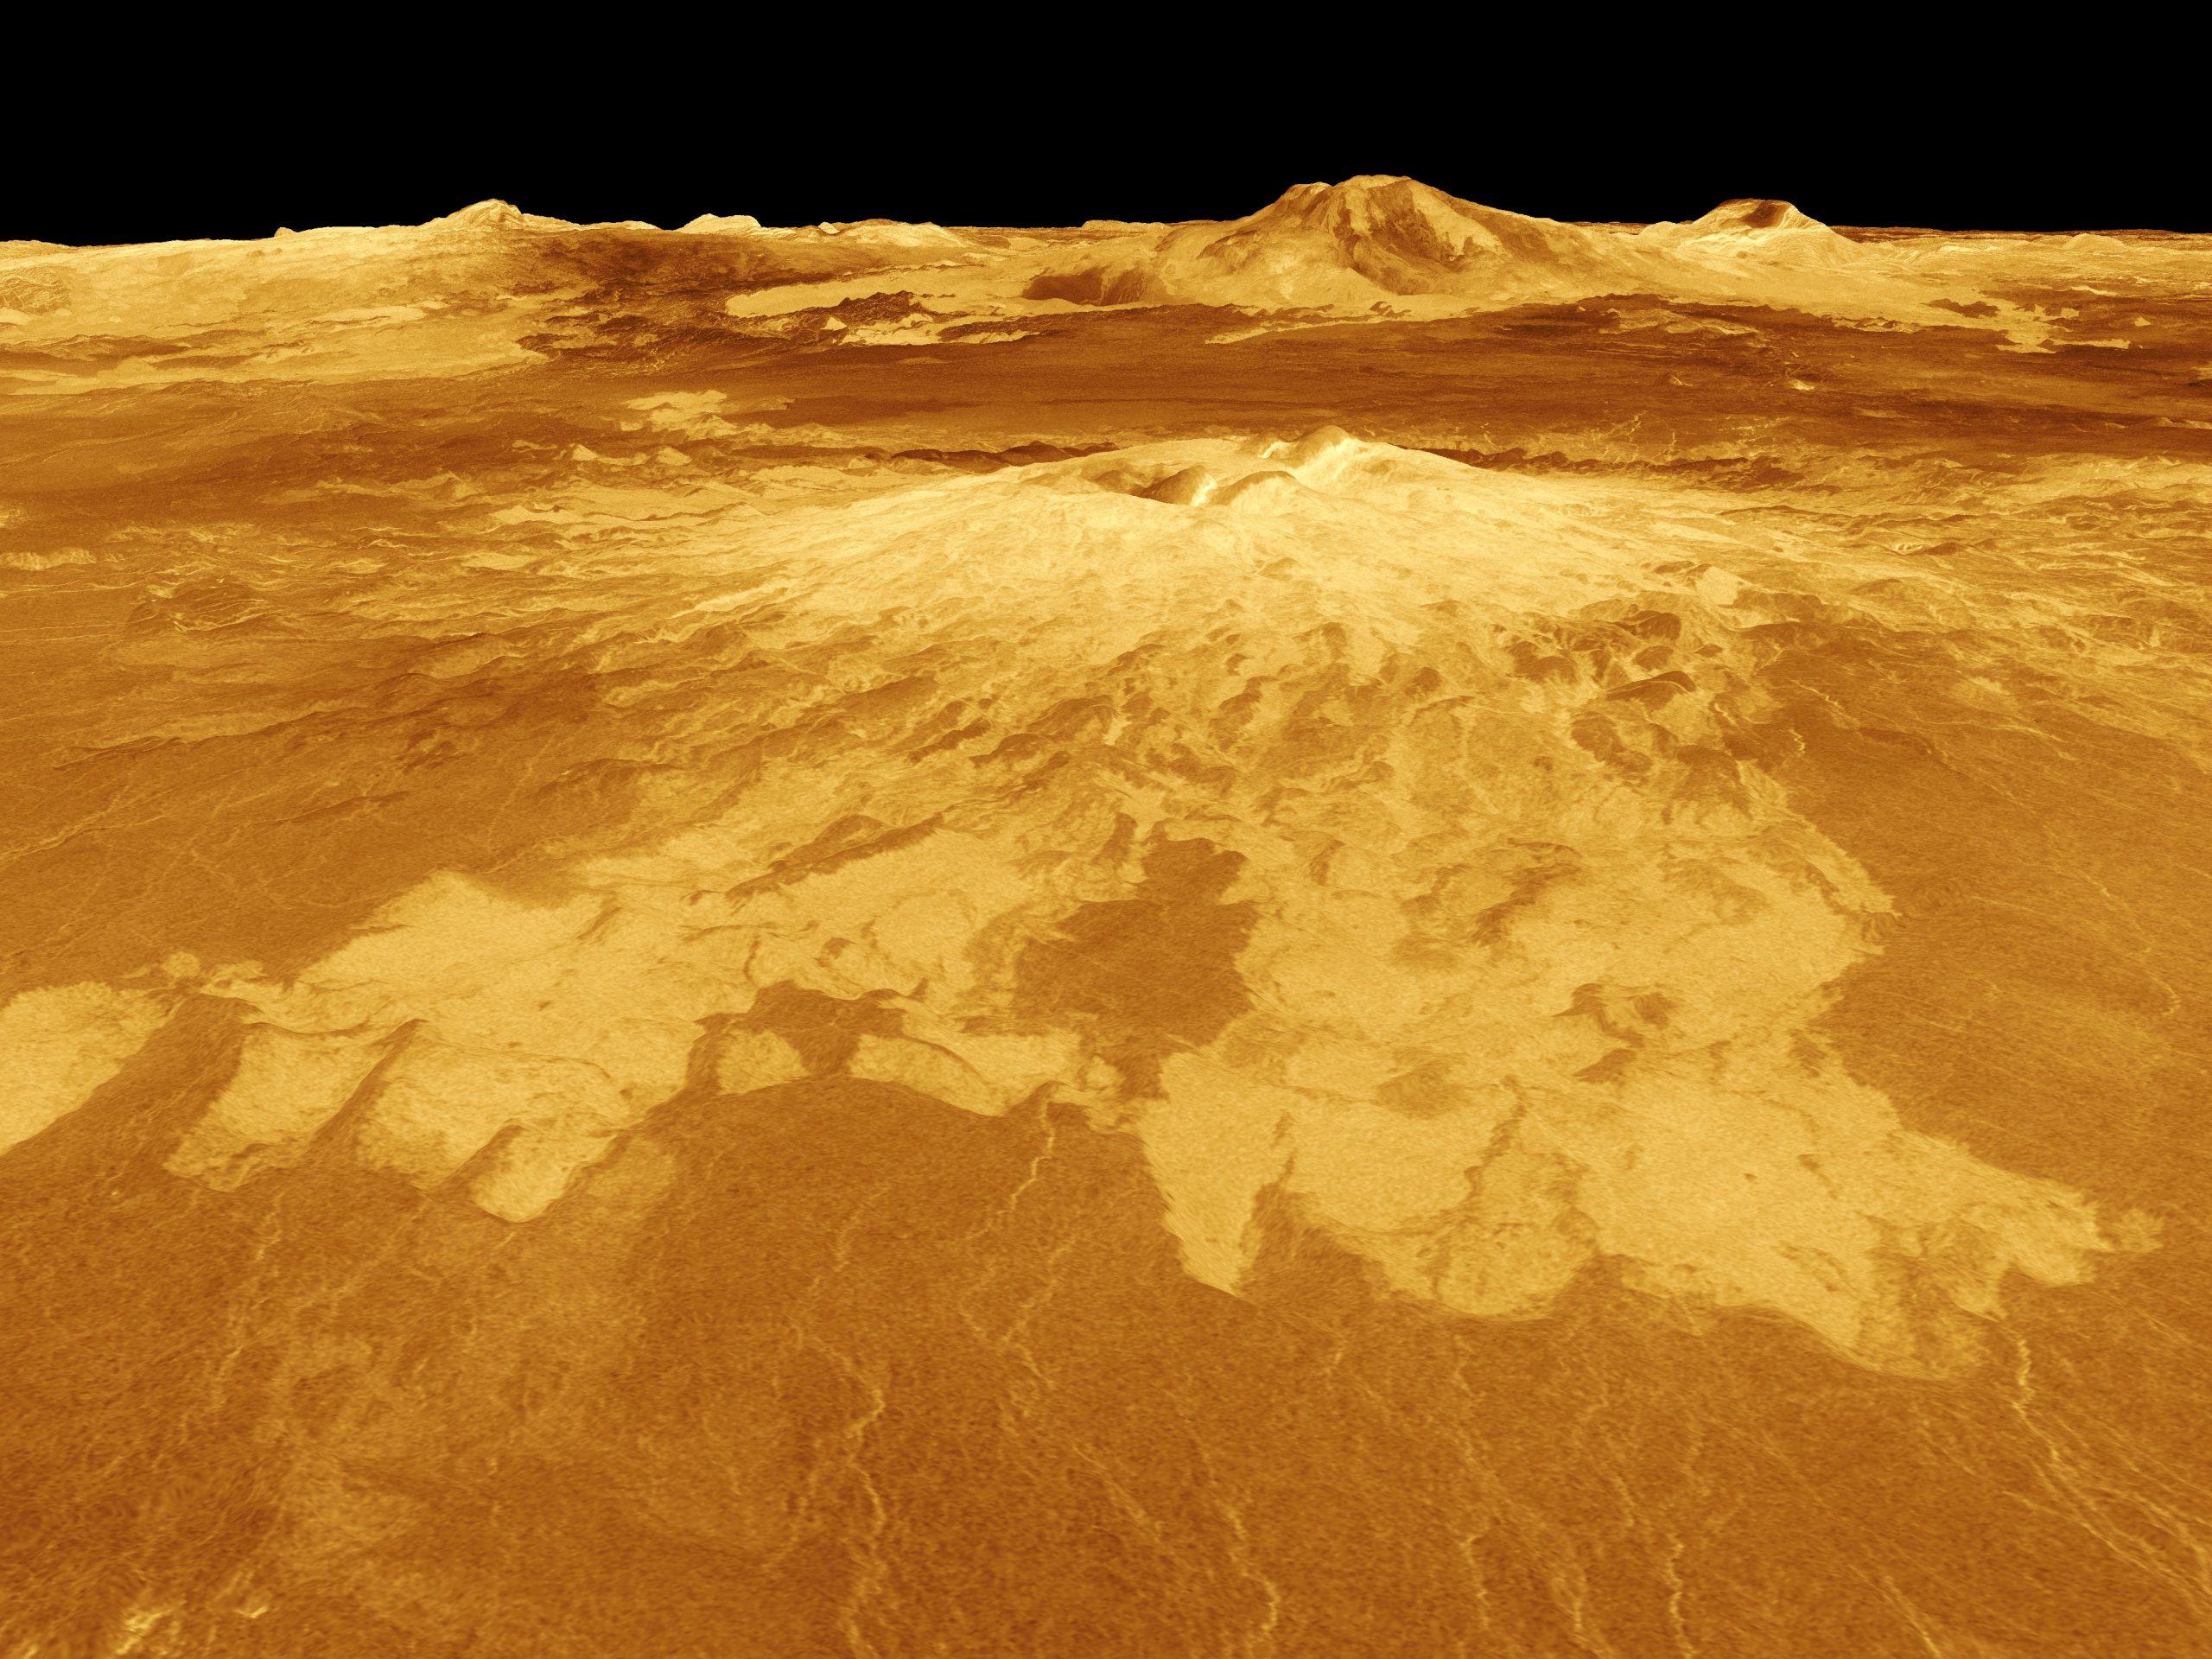 Vista en perspectiva de Venus